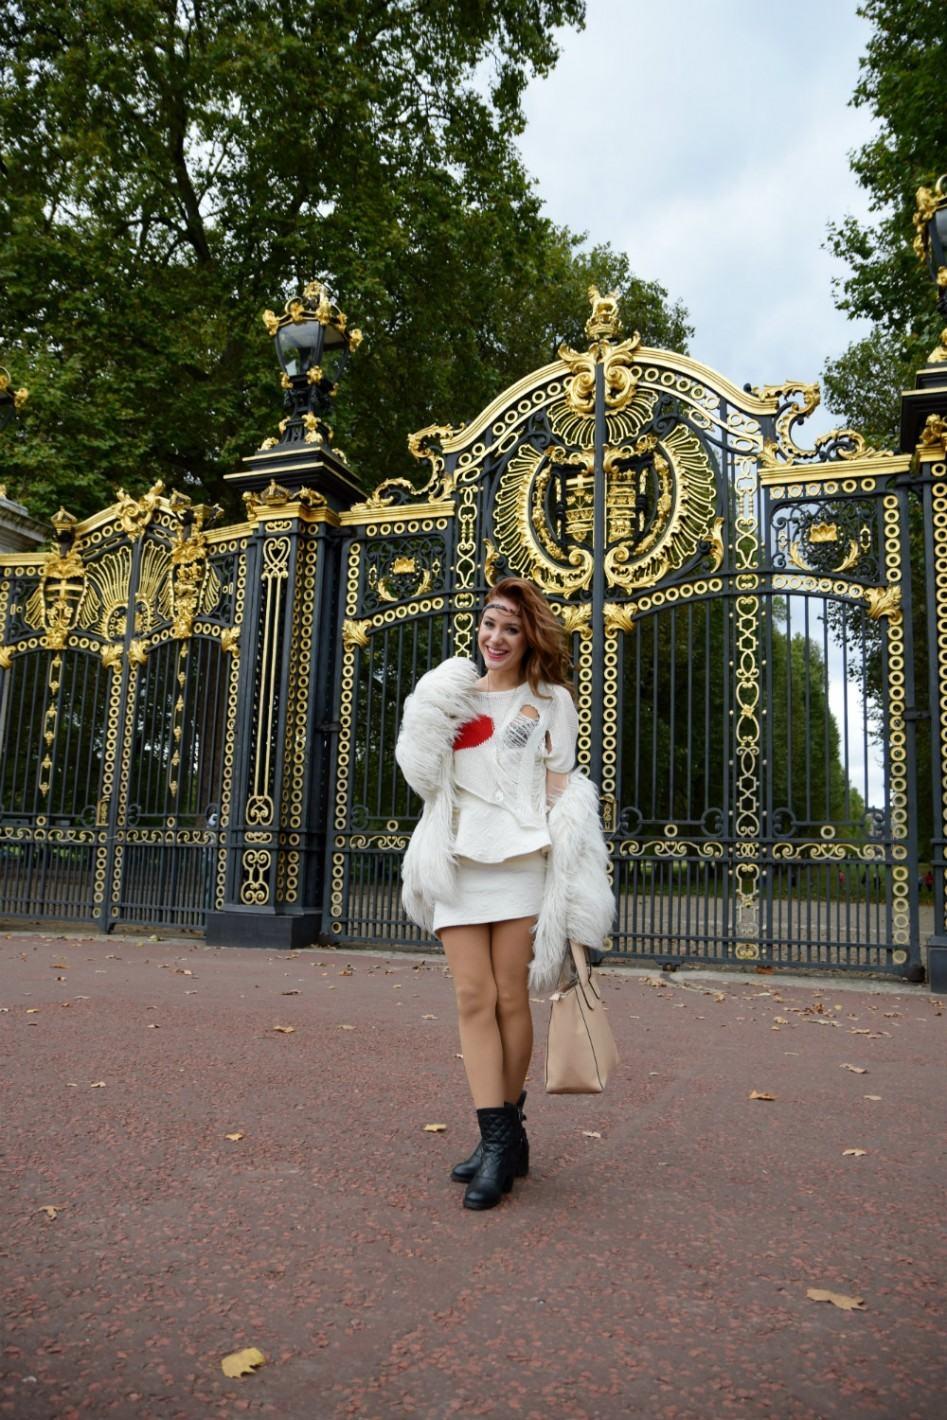 buckingham palace fashion style